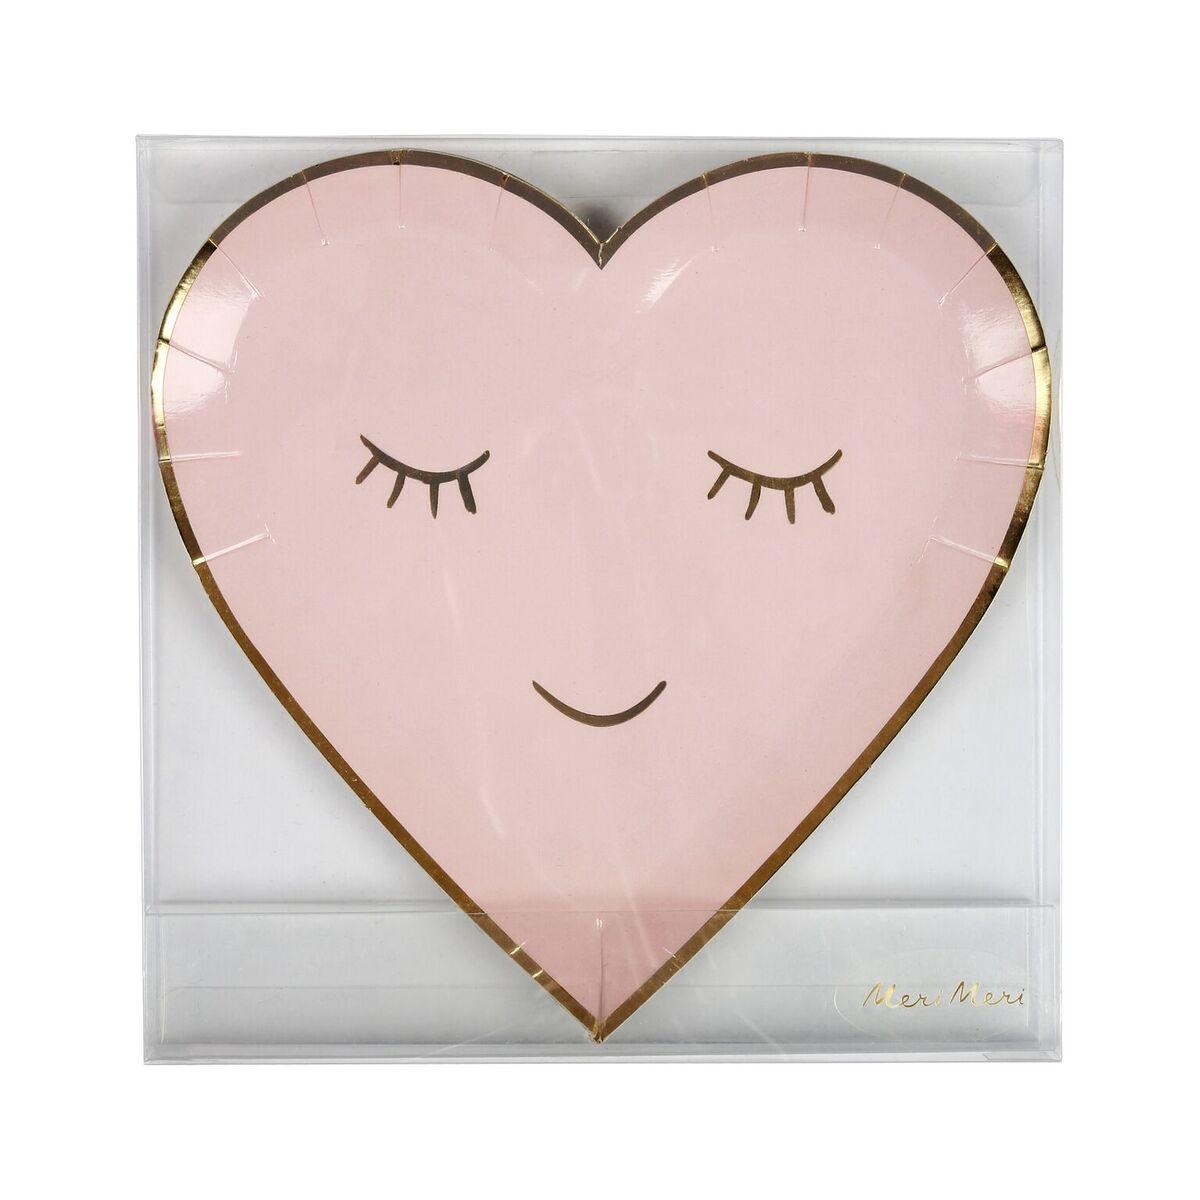 Blushed Heart Teller